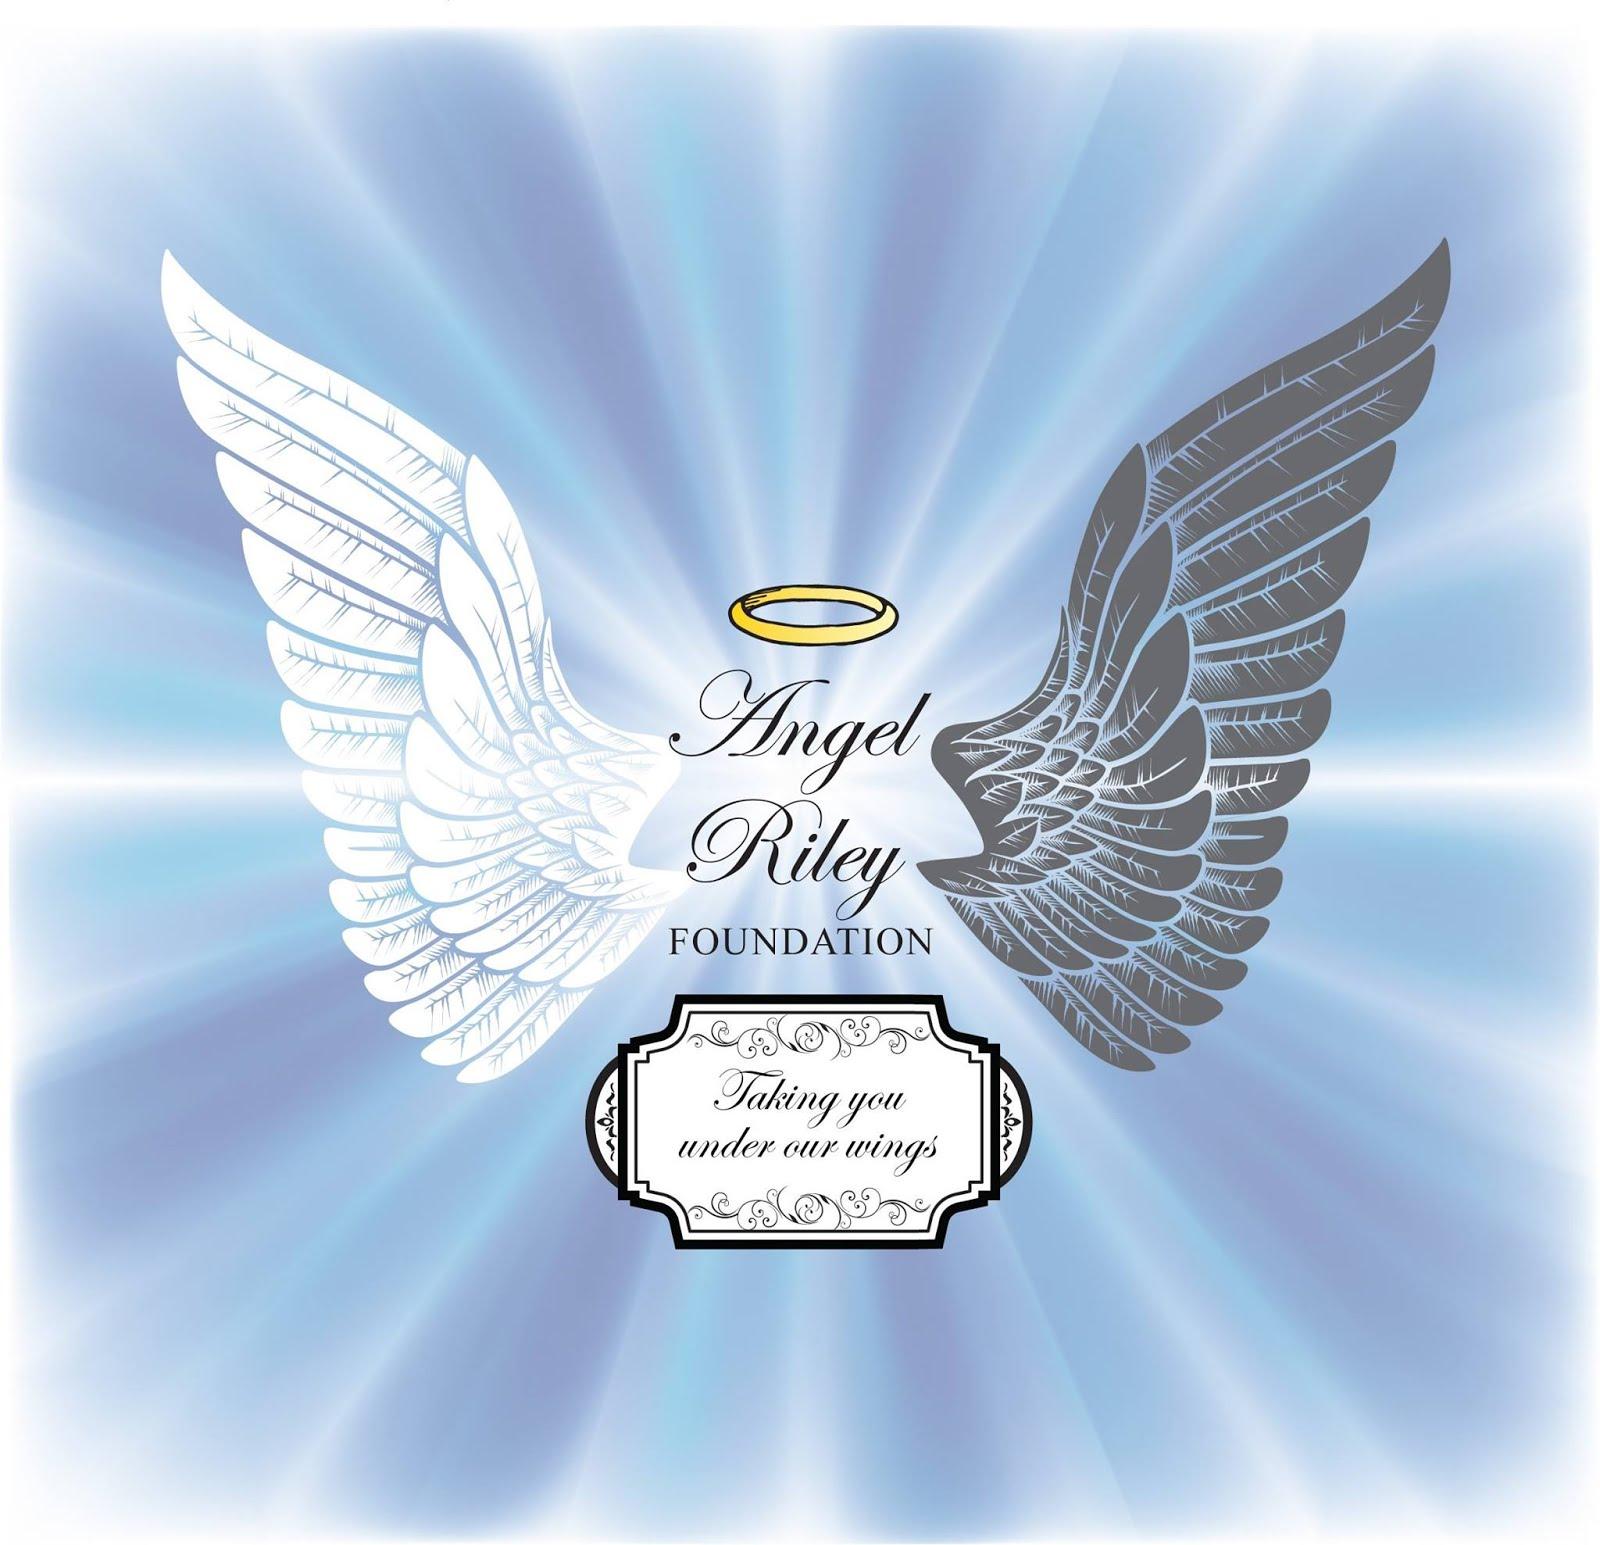 Angel Riley Foundation